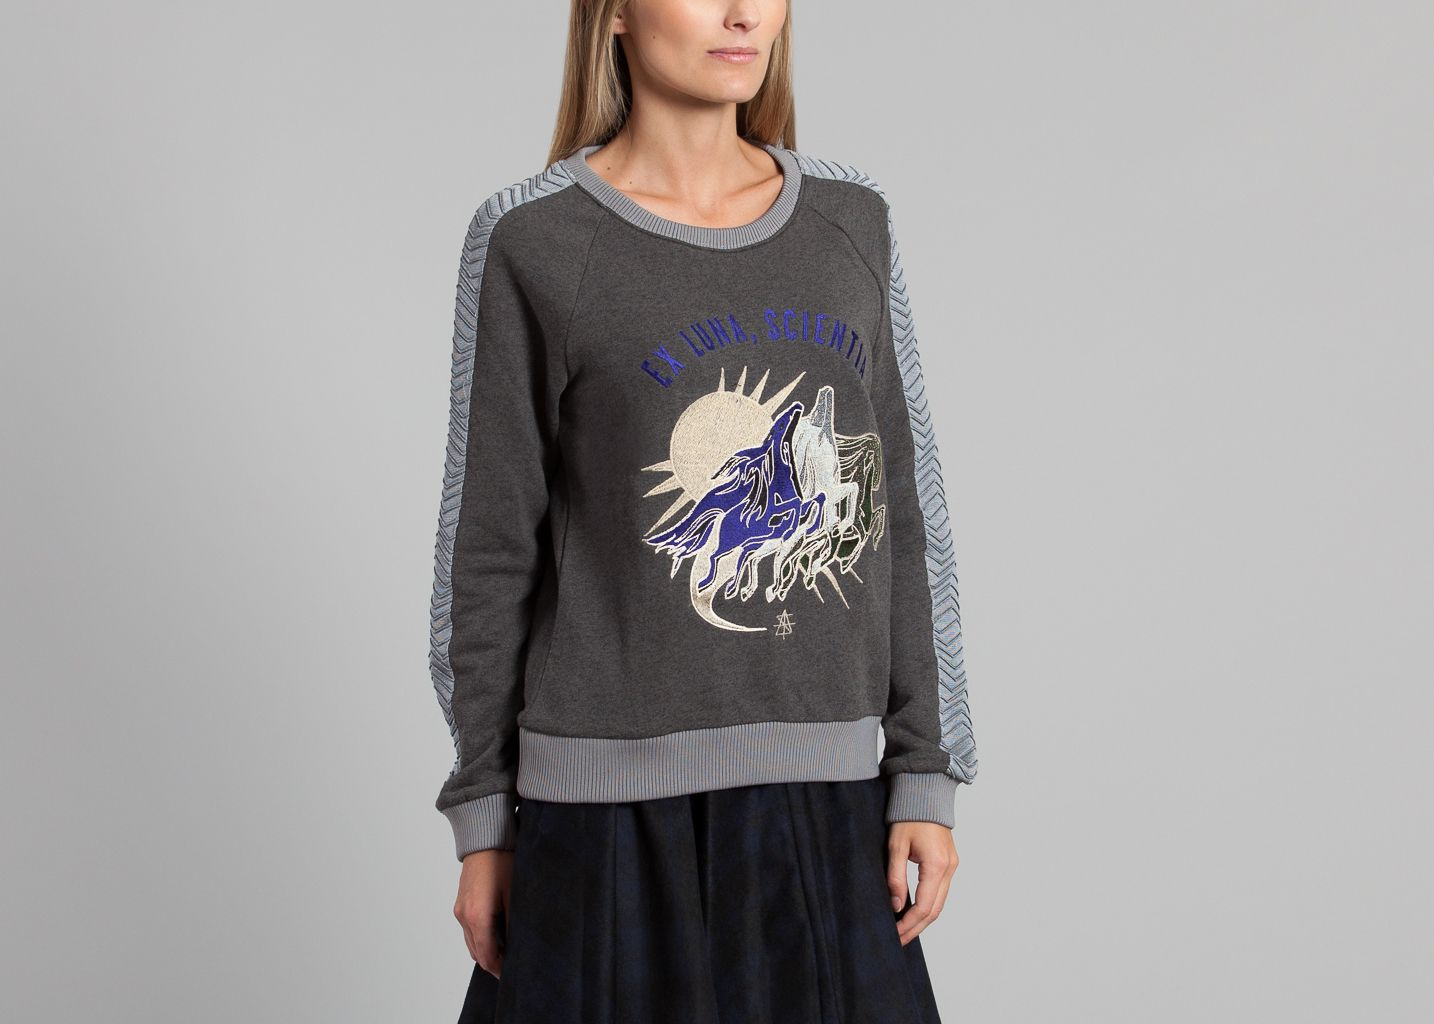 Pegasus Sweatshirt - Surface to Air